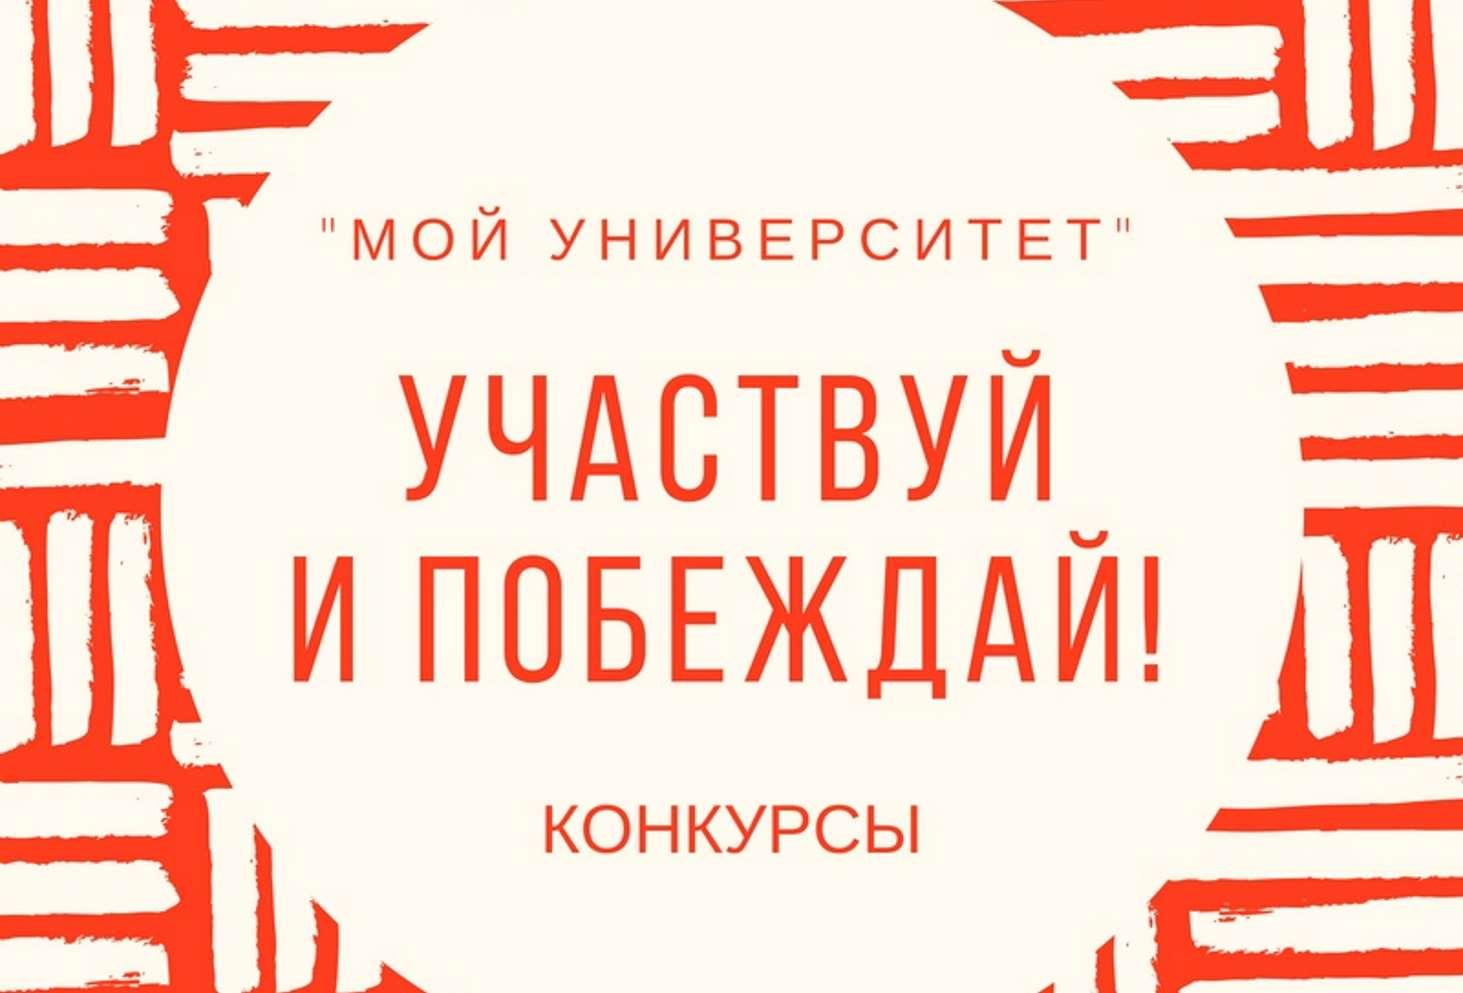 letnie-konkursy-dlya-pedagogov-ot-moego-universiteta